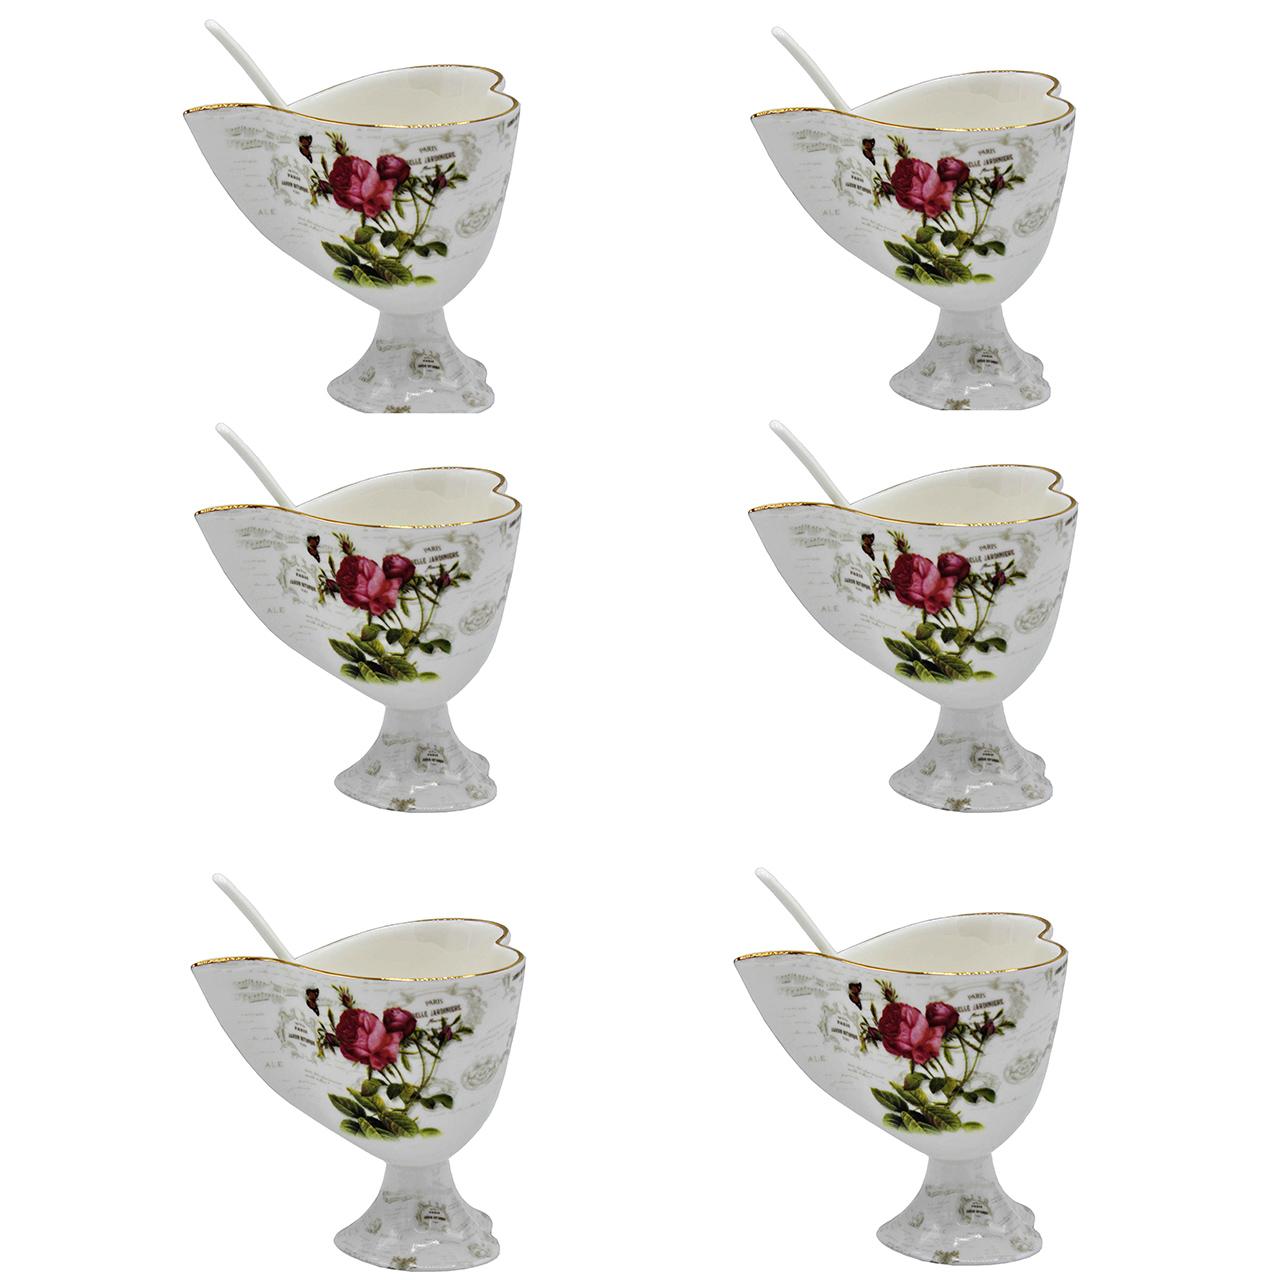 بستنی خوری پی طرح لمونژ کد 12-7017 بسته 6 عددی